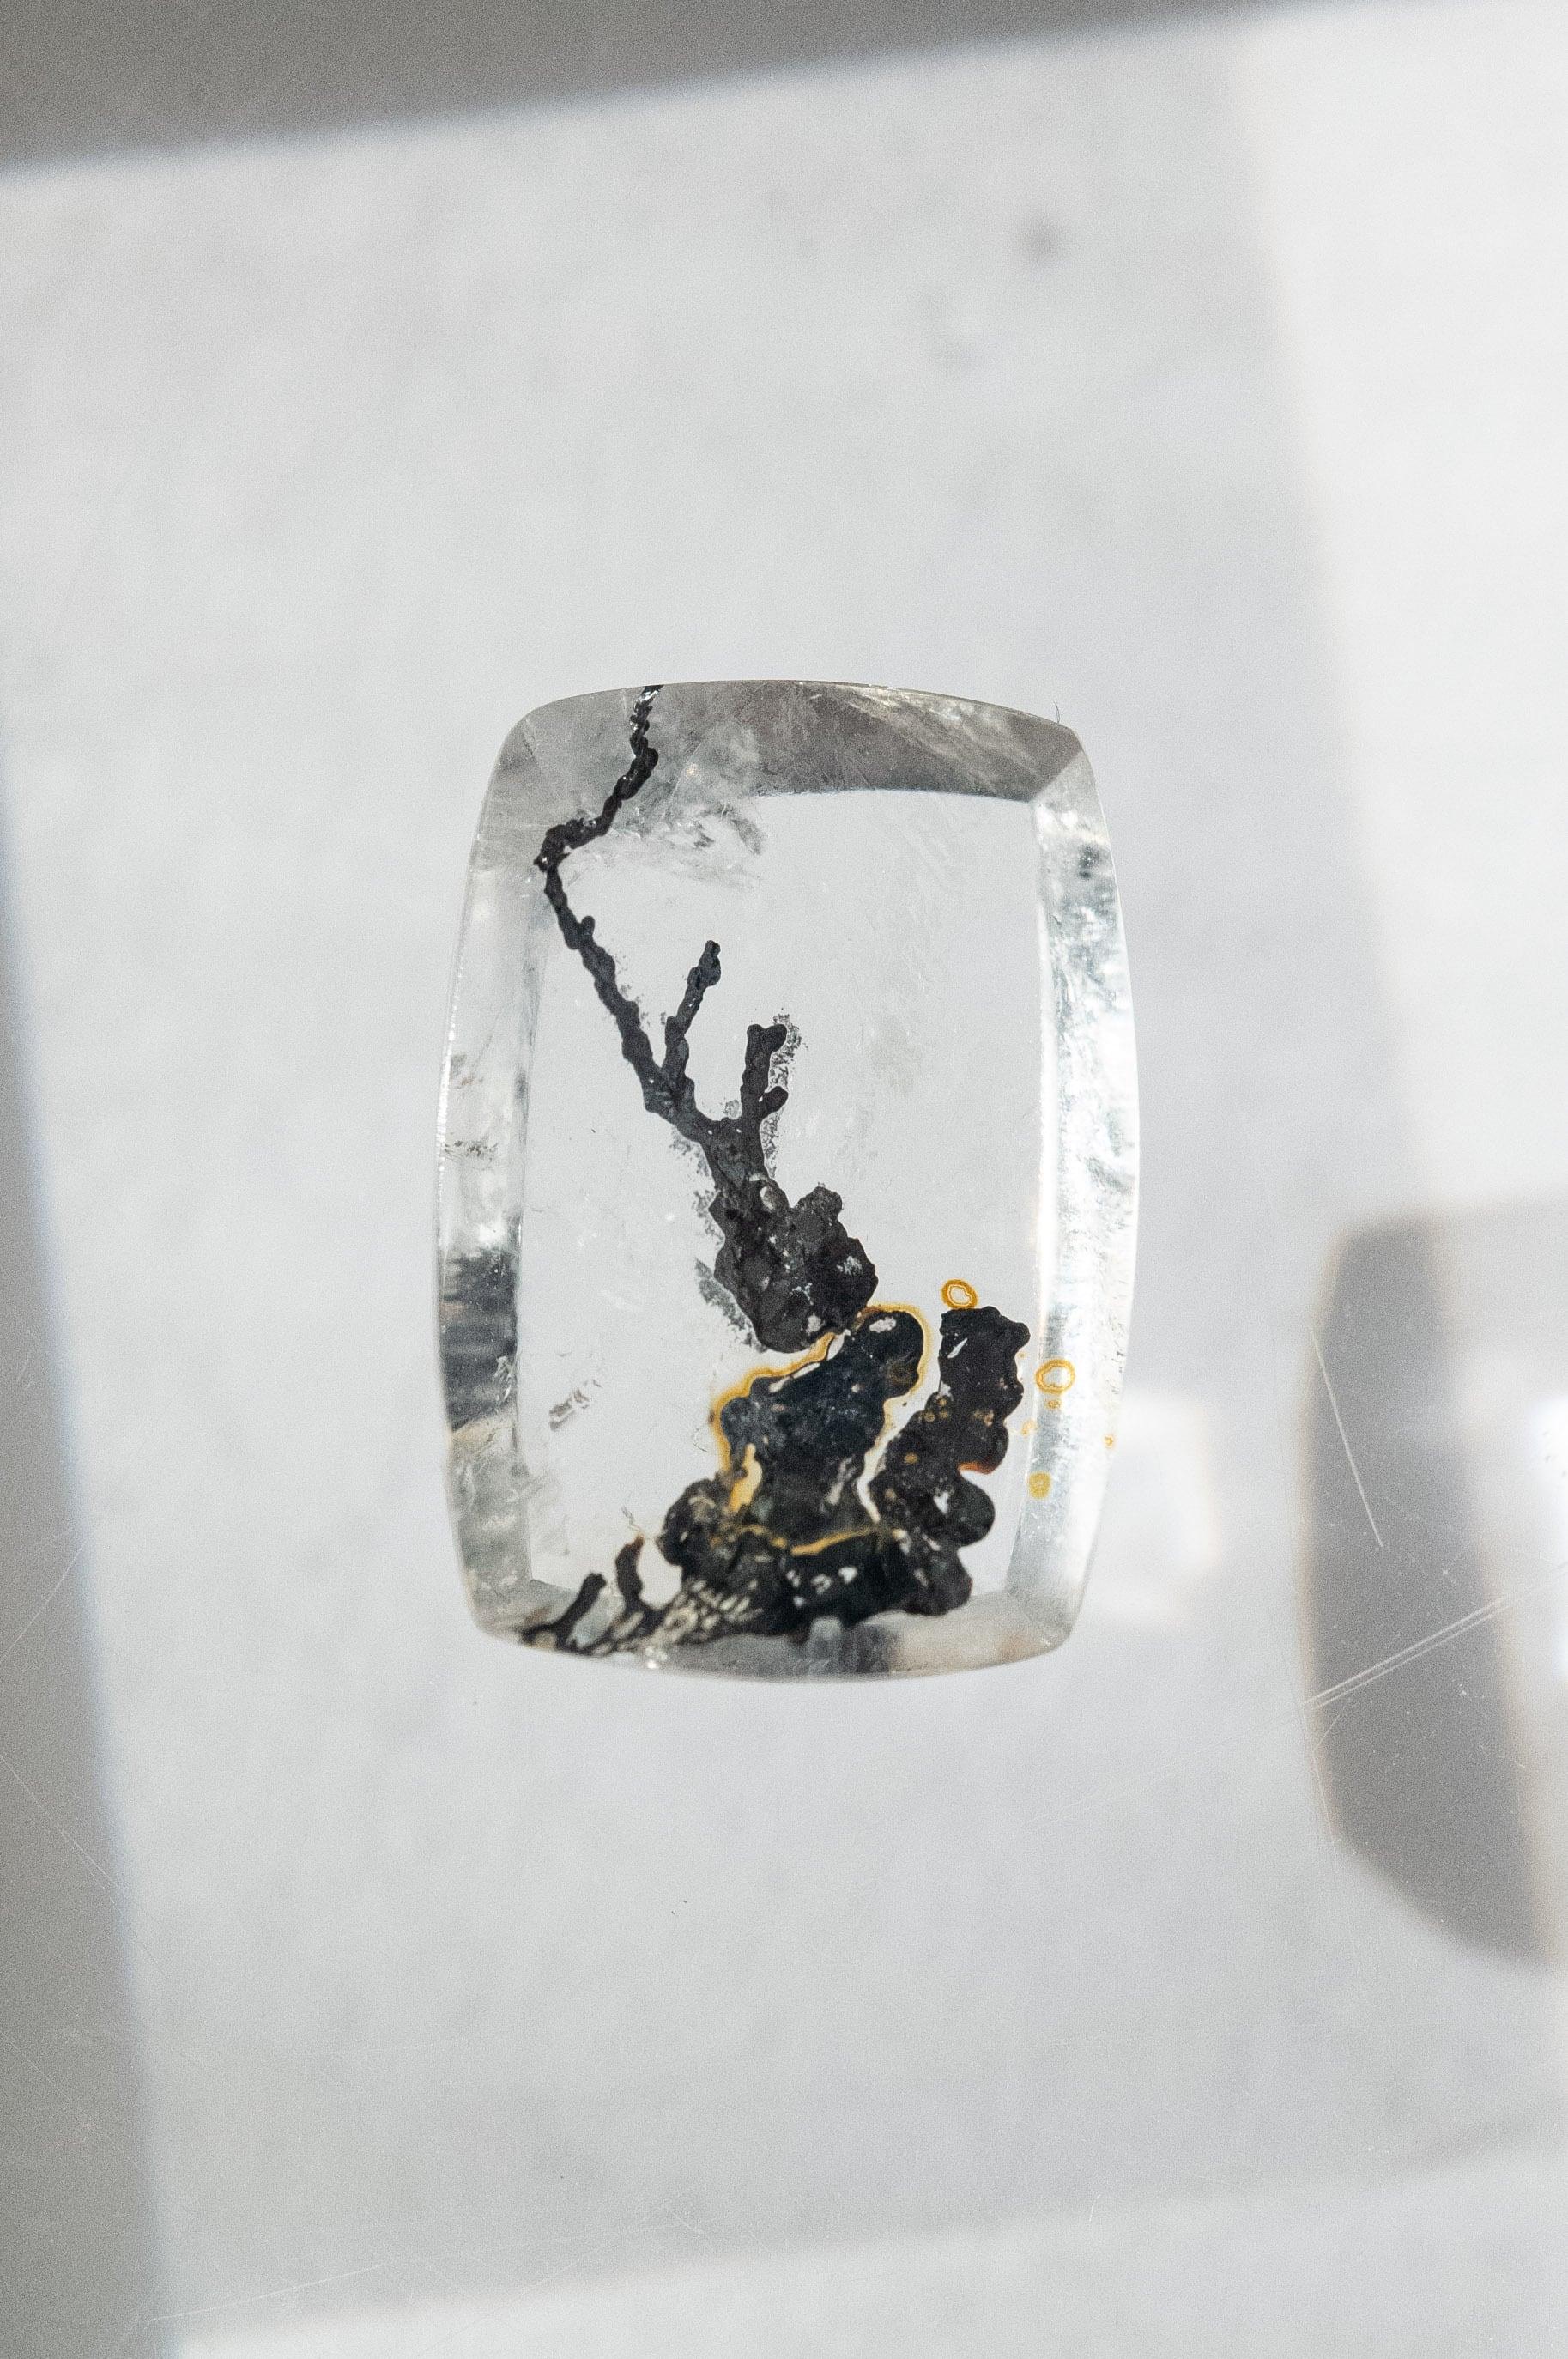 Dendritic Quartz - DQ038